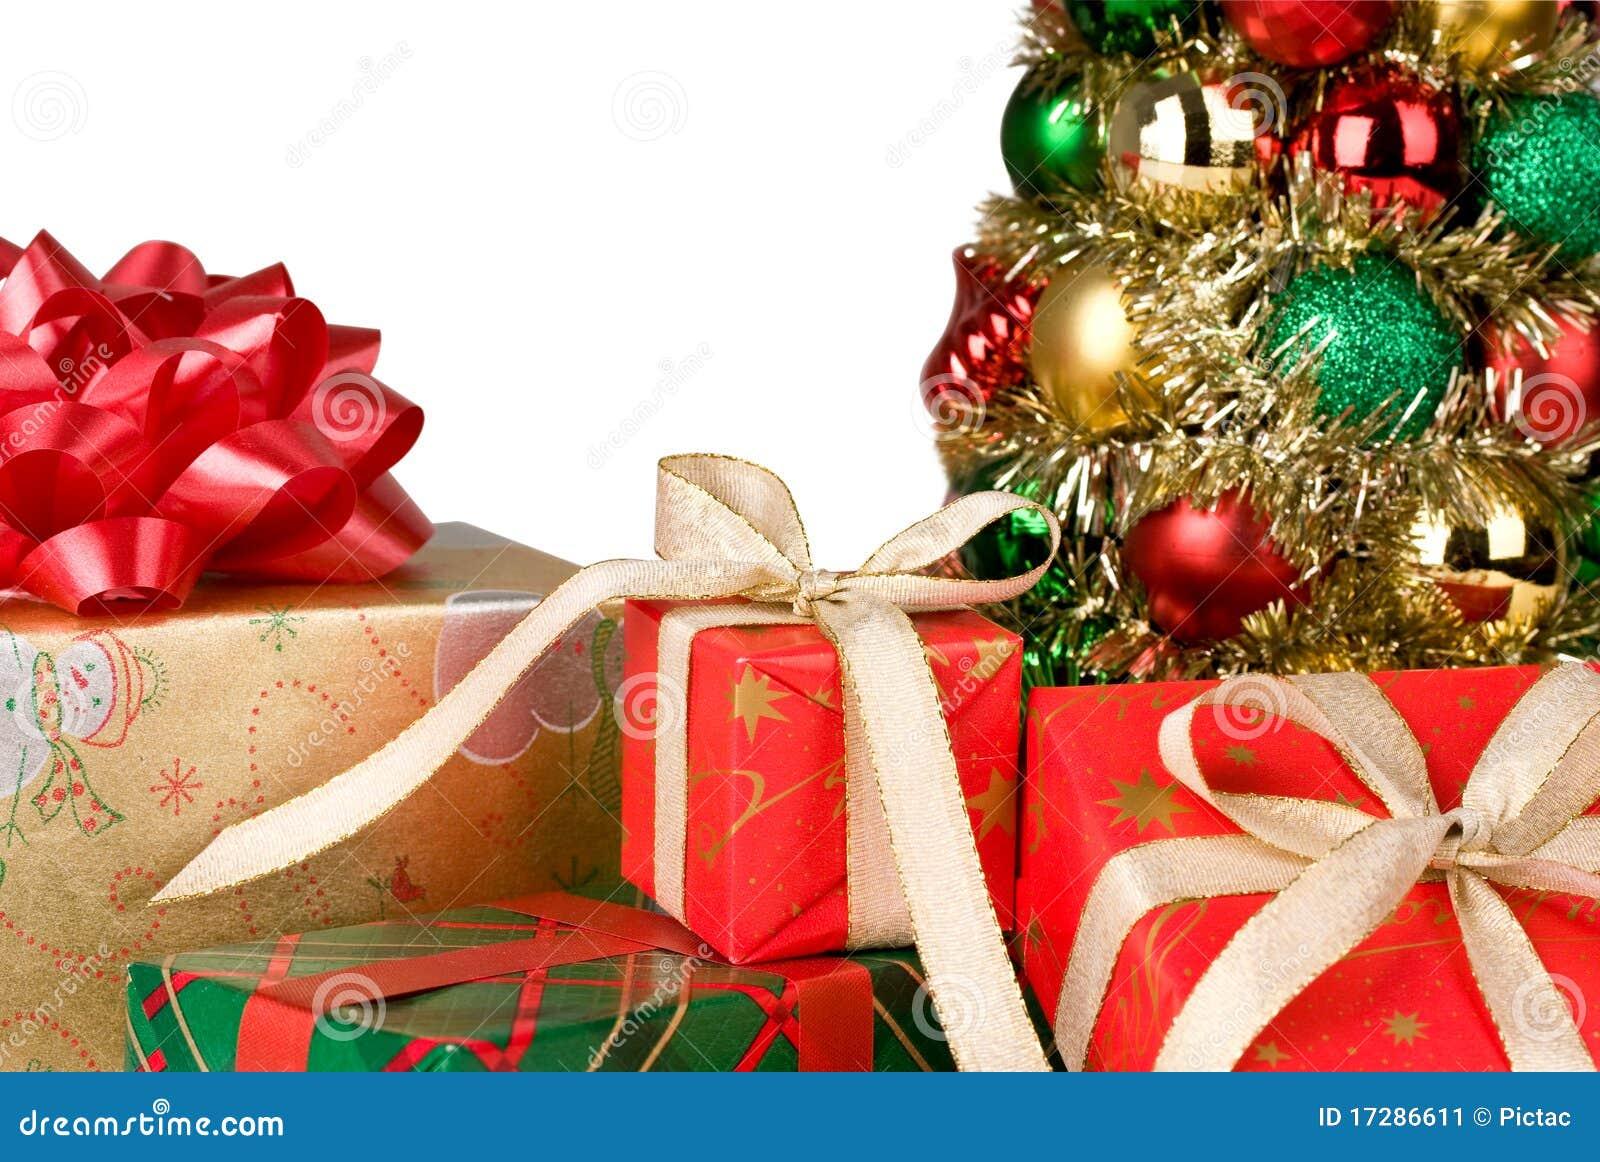 frohe weihnachten und frohe feiertage stockbild bild. Black Bedroom Furniture Sets. Home Design Ideas